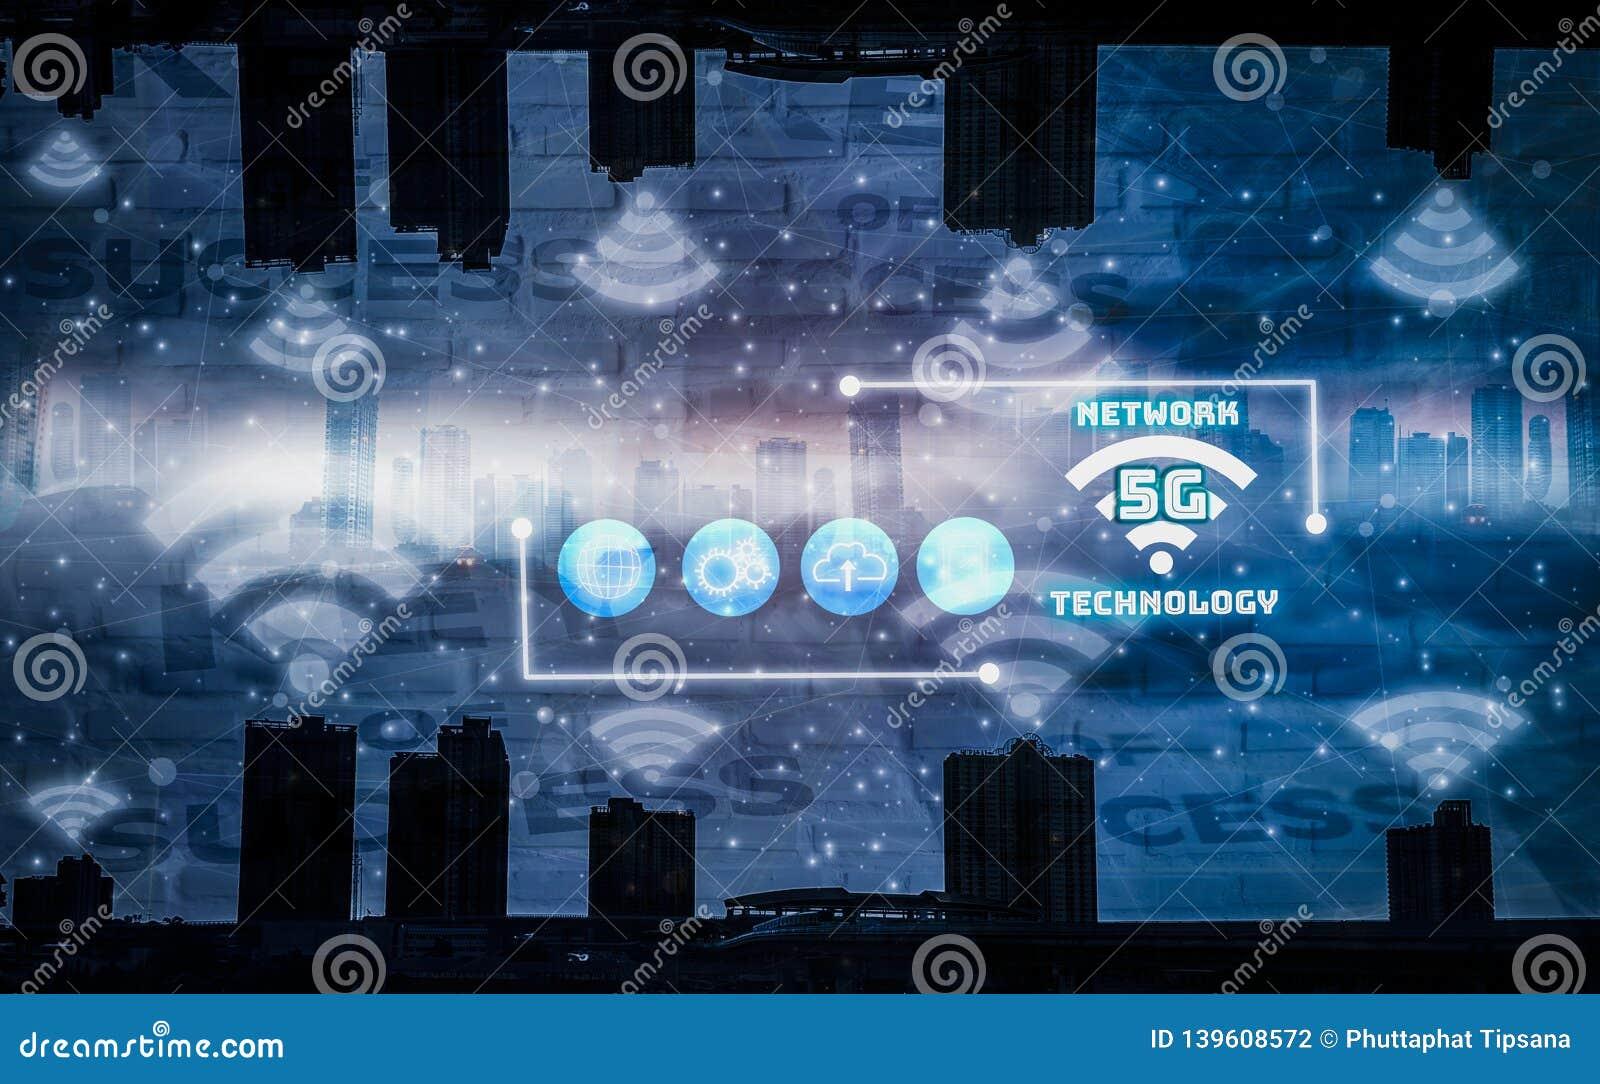 De slimme stad met 5G-netwerk en het draadloze systeem, Internet van dingen behandelen, achtergrondstadslandschap en wolkenkrabbe